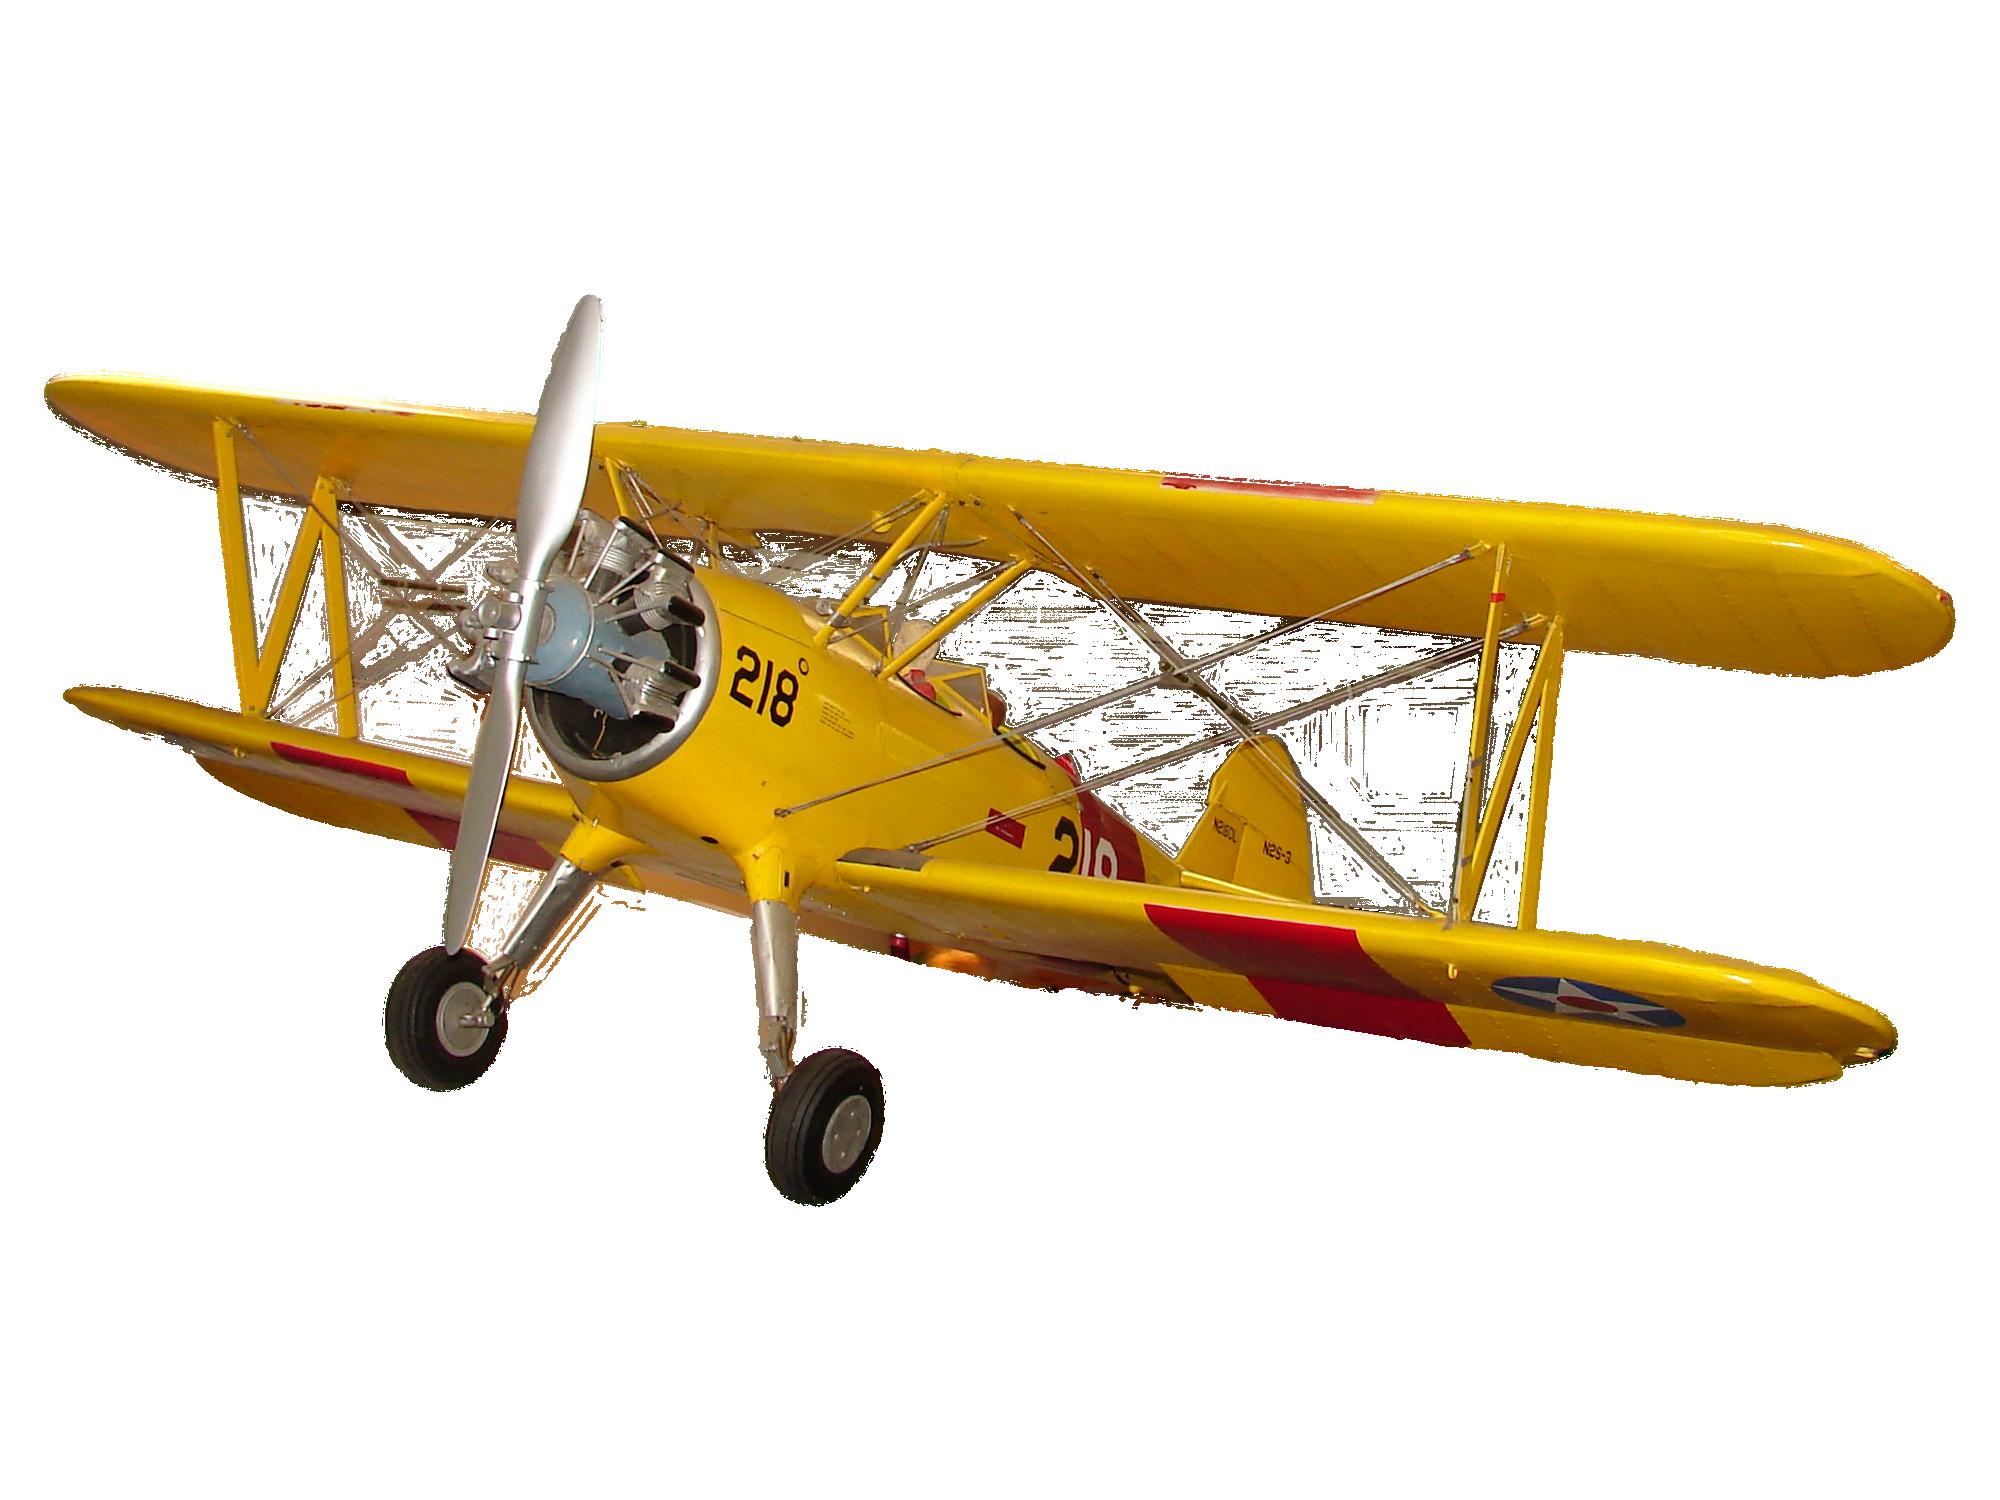 Usn Aircraft Model Plane By Fantasystock On Deviantart